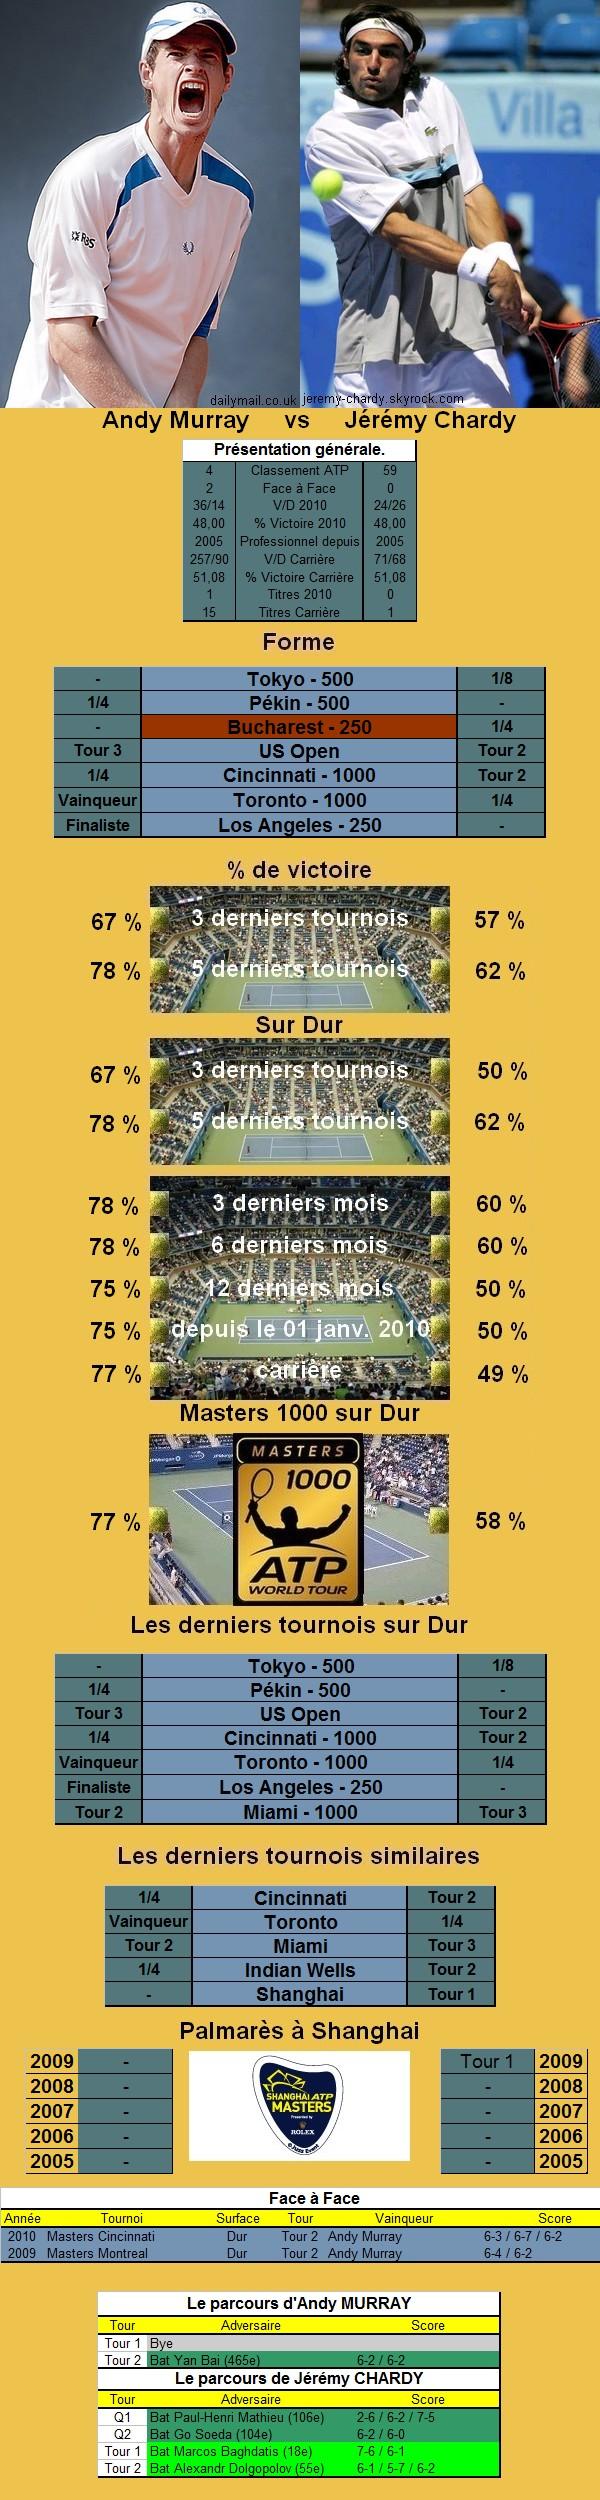 Statistiques tennis de Murray contre Monaco à Shanghai